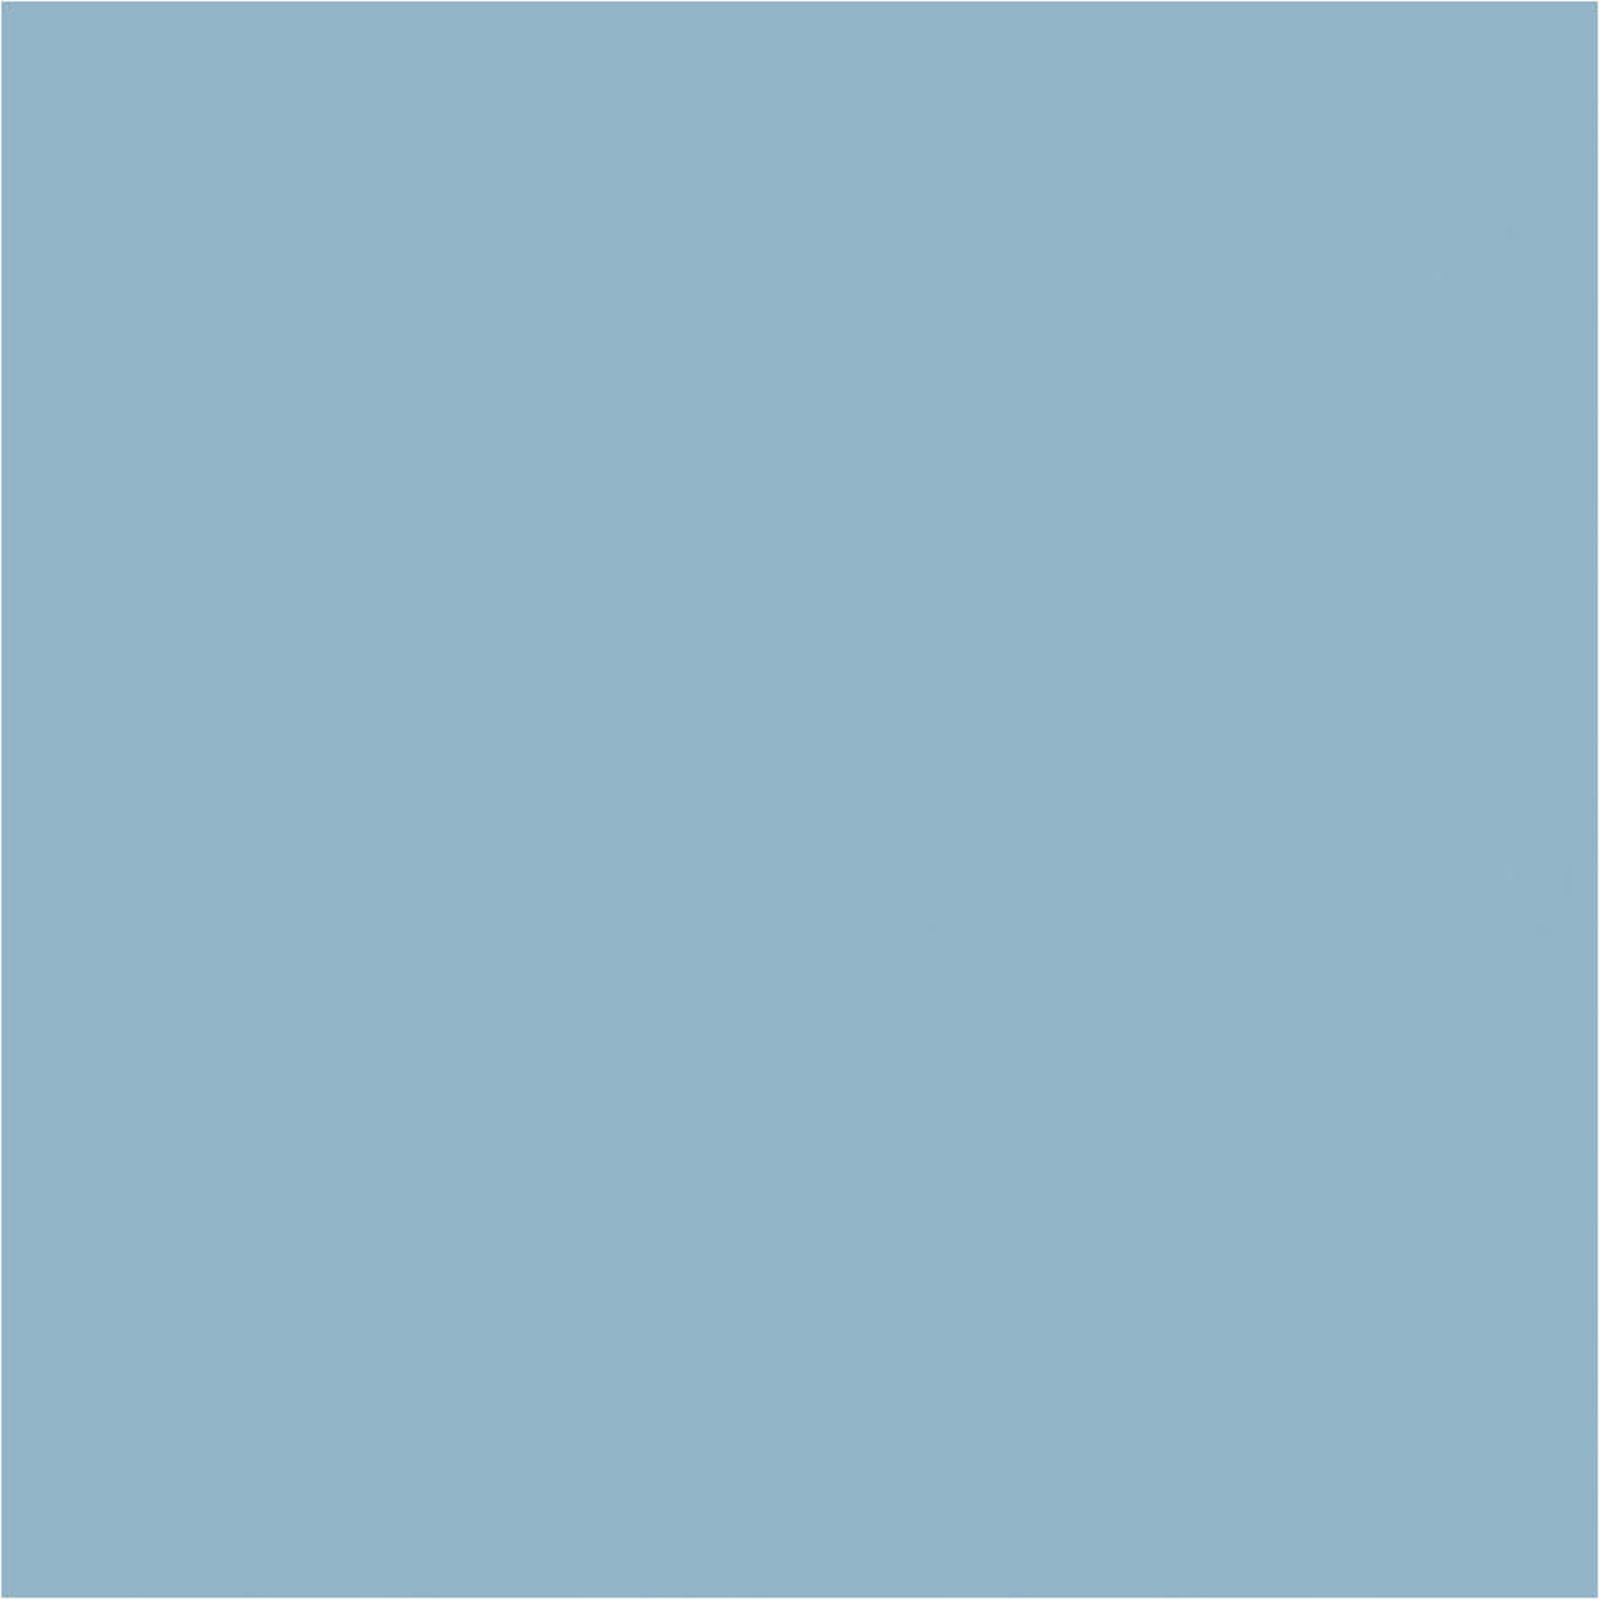 albastru country